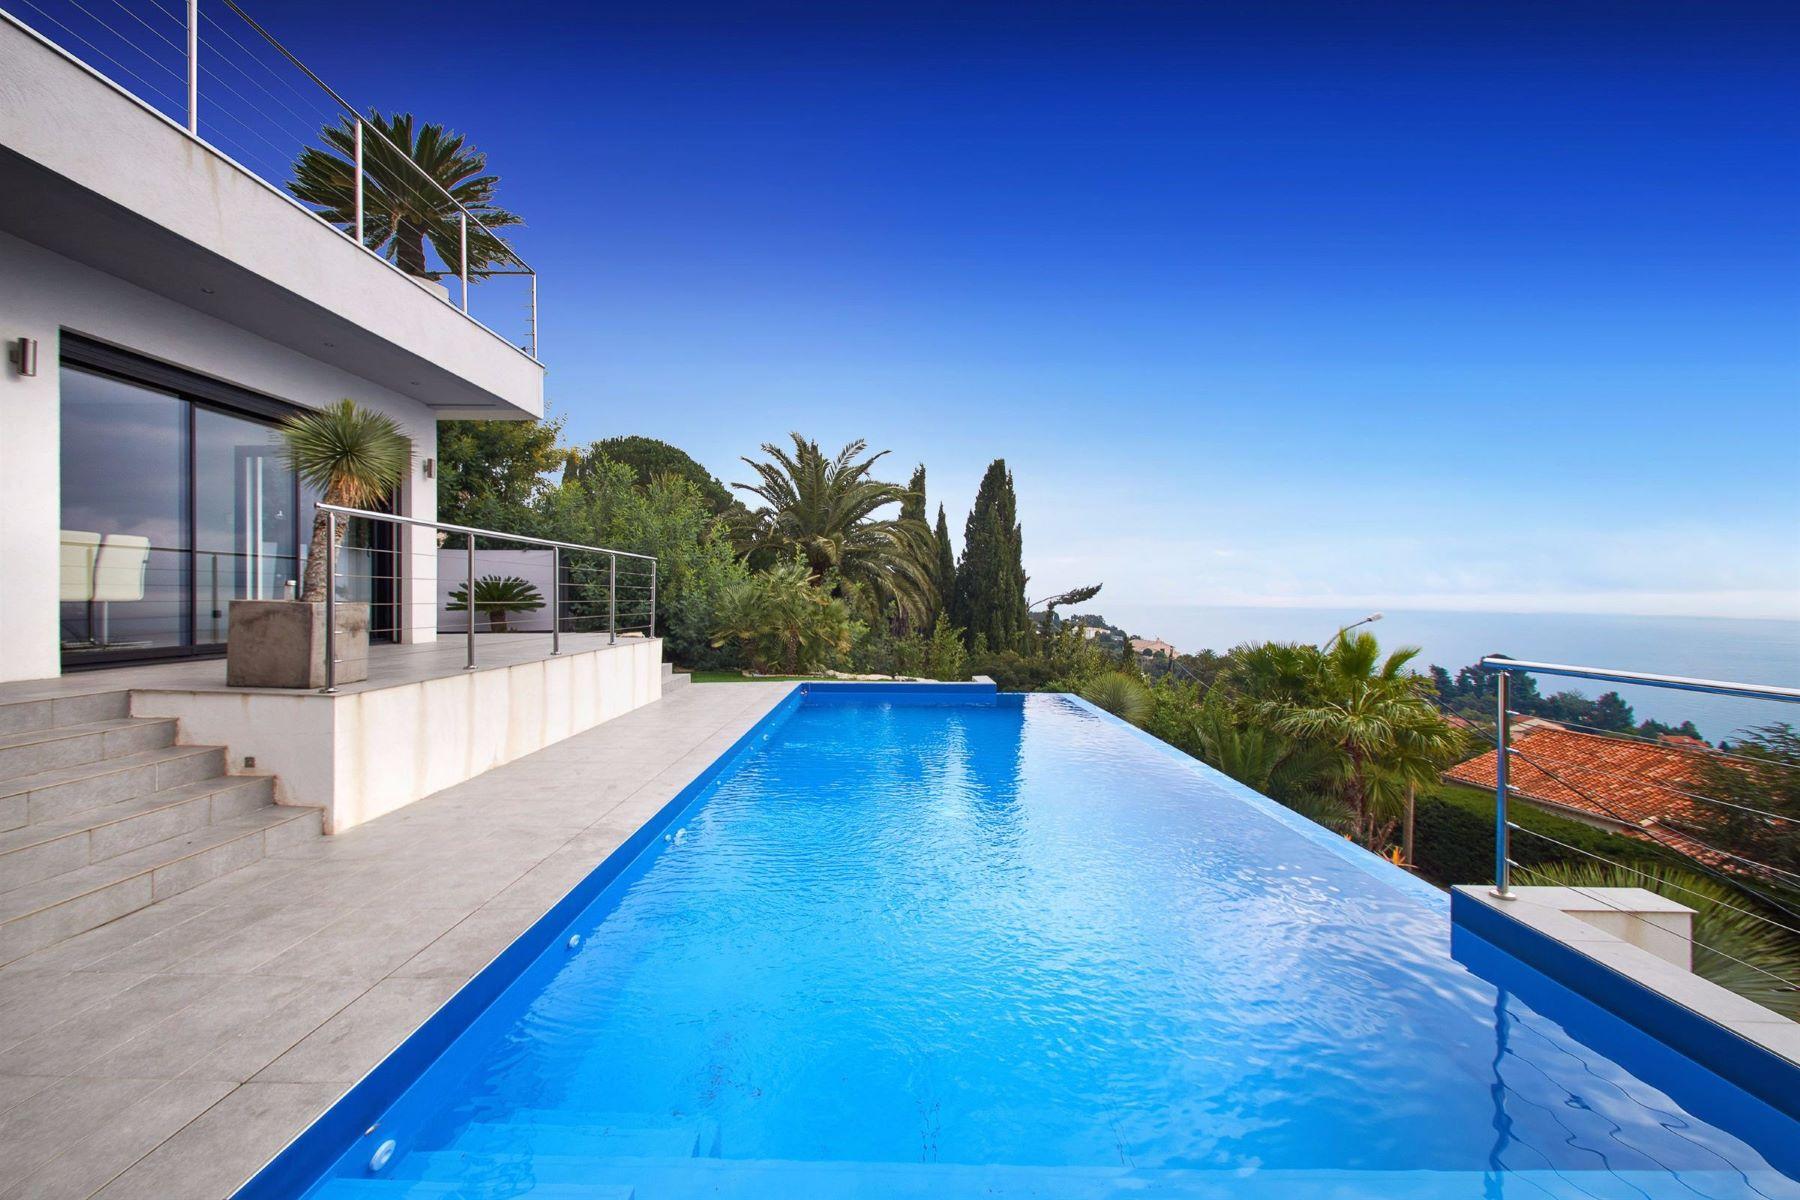 独户住宅 为 销售 在 Les Issambres - new contemporary villa enjoying a panormic sea view Les Issambres, 普罗旺斯阿尔卑斯蓝色海岸, 83380 法国